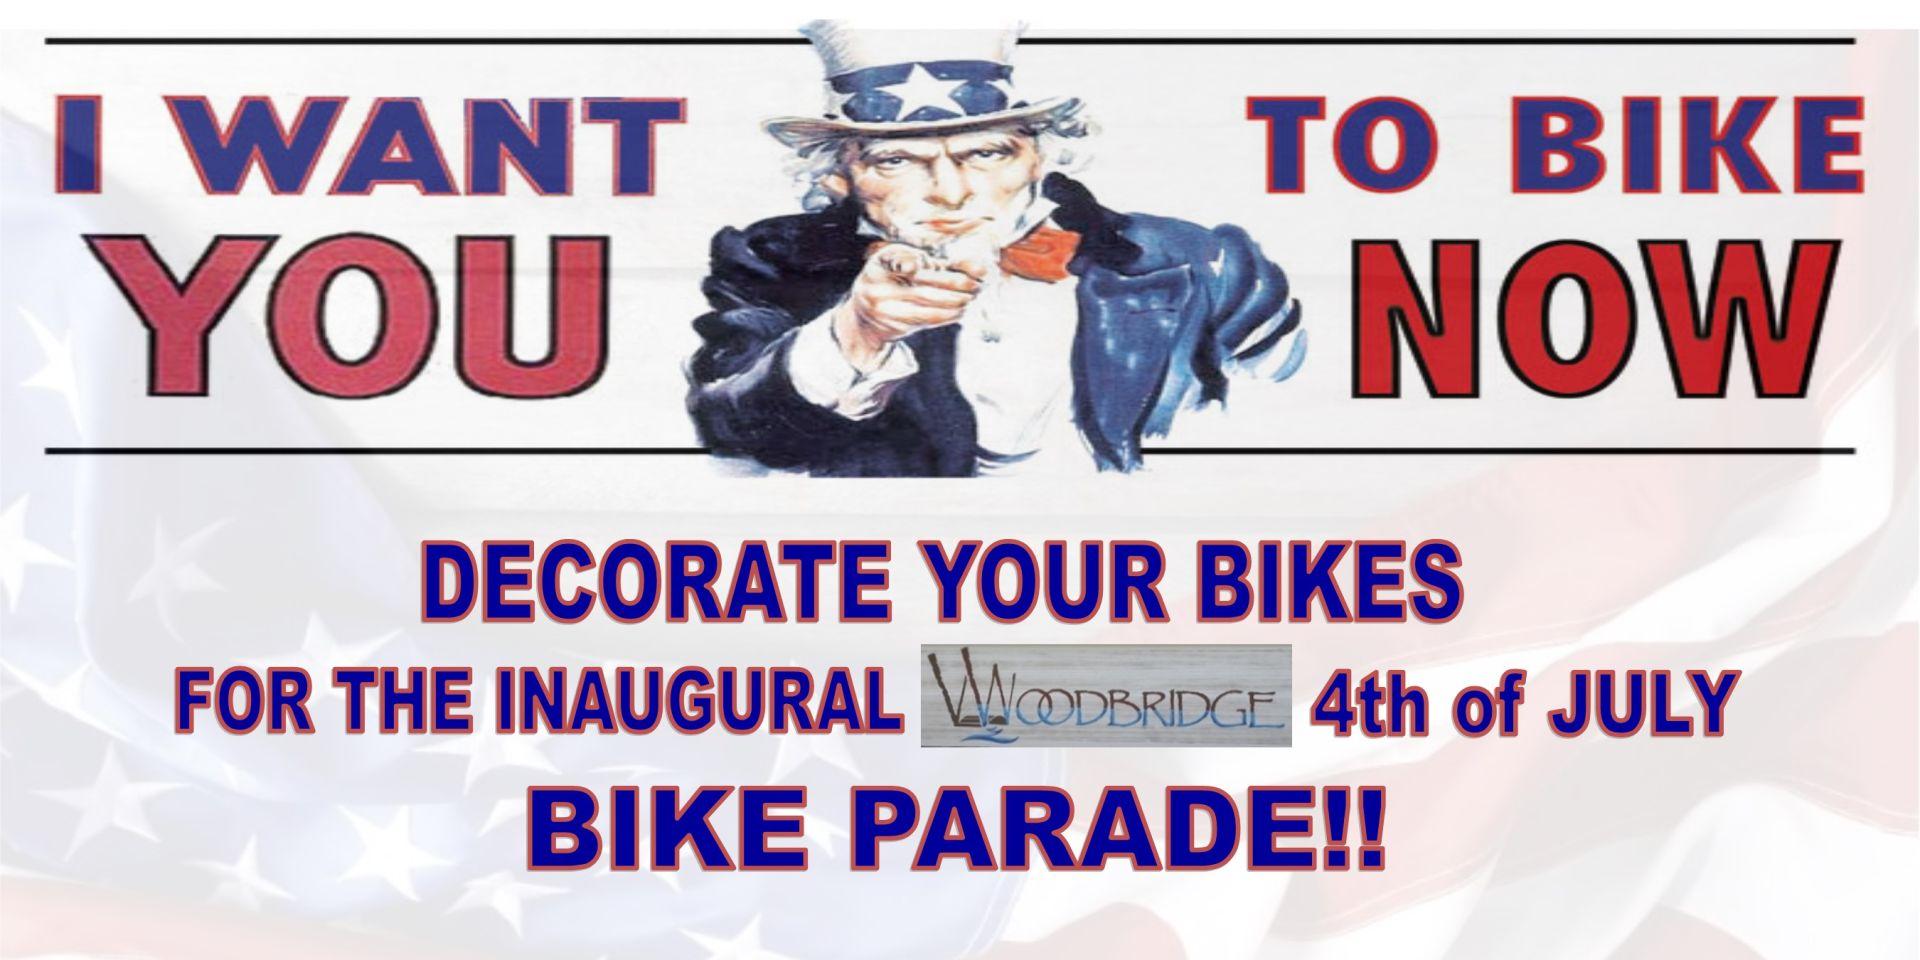 Woodbridge Fourth of July Bike Parade